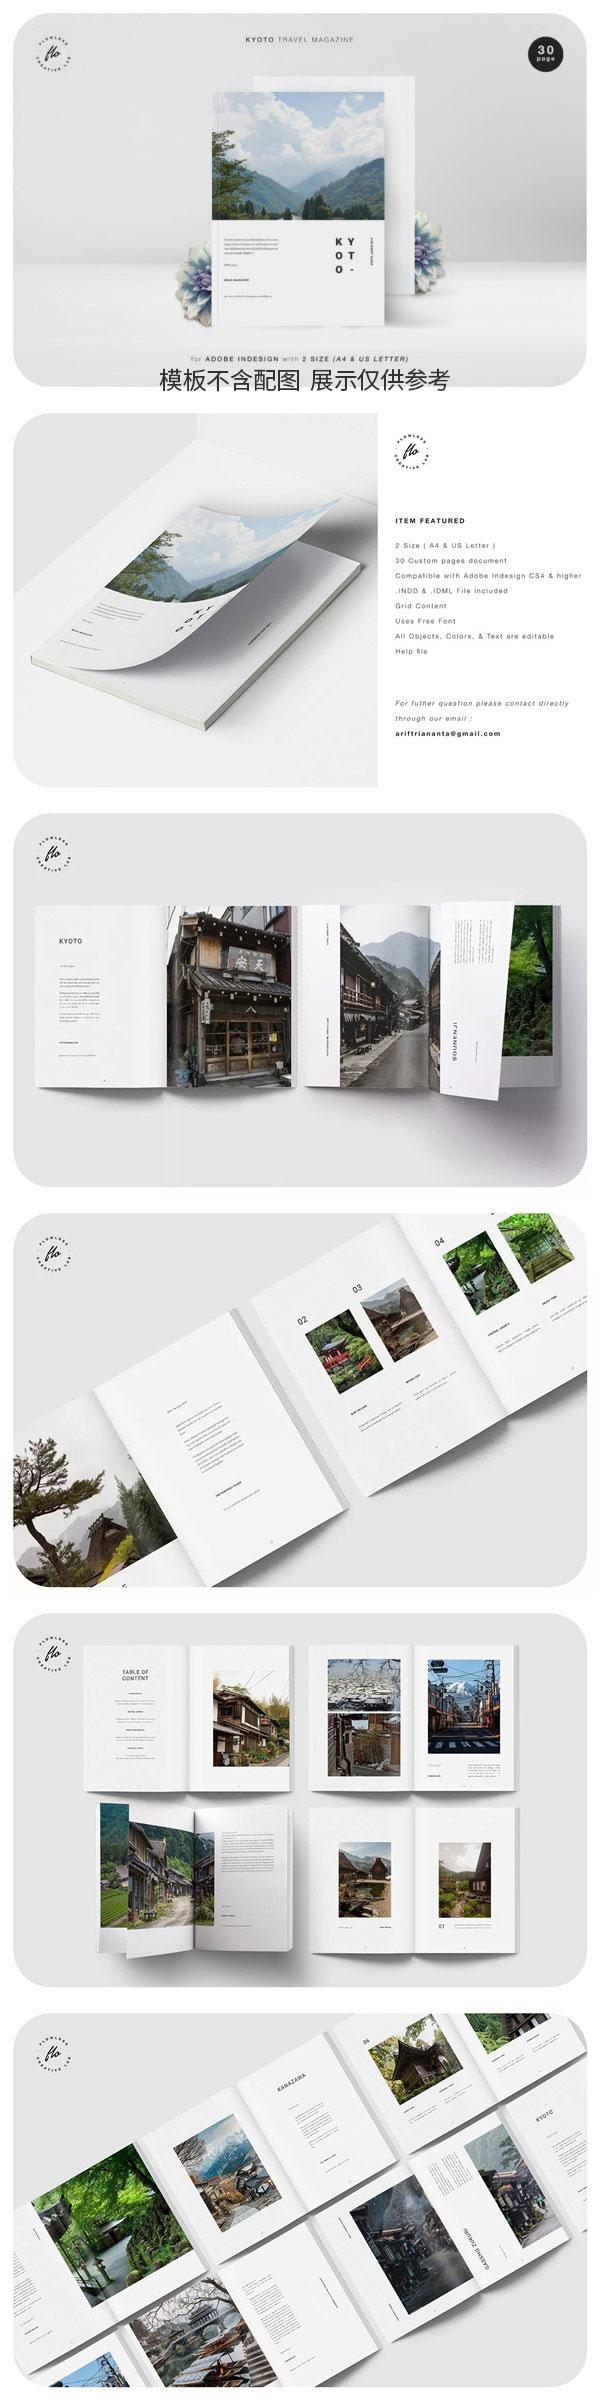 京都旅游杂志画册模板